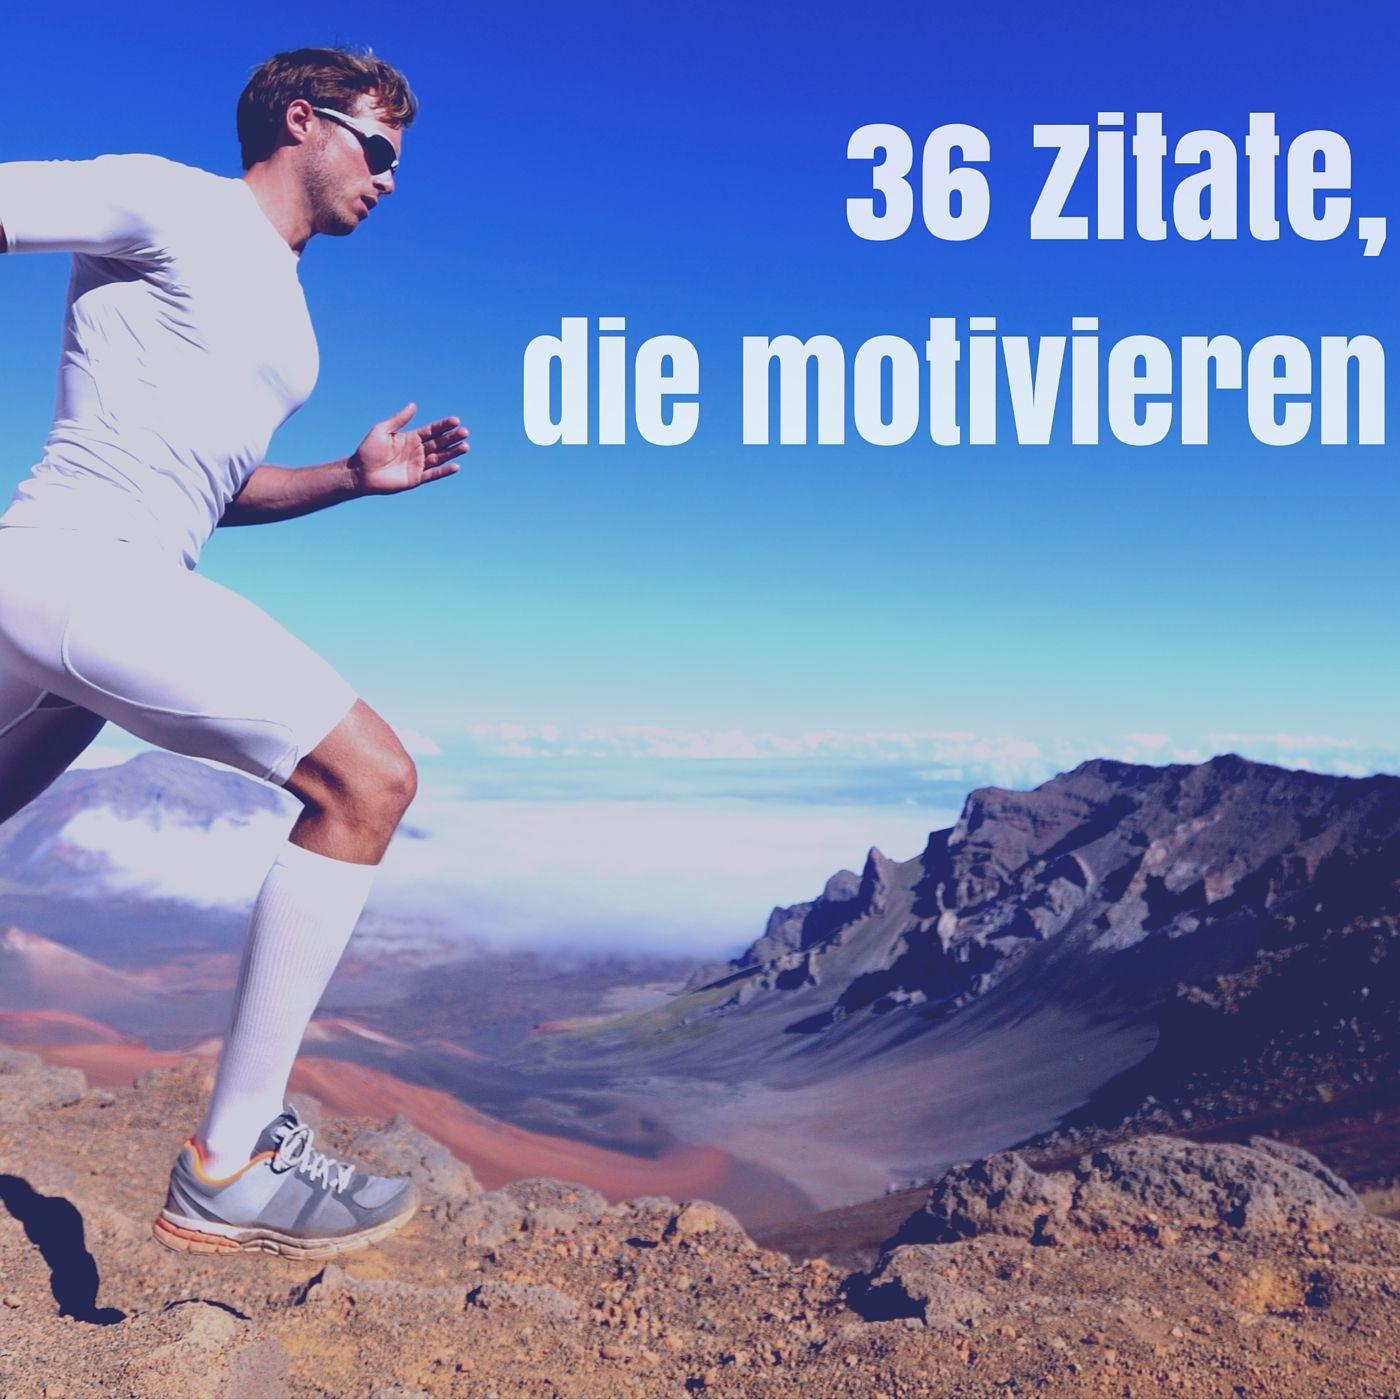 Die 137 besten Zitate: Motivation, Anfangen, Durchhalten ...